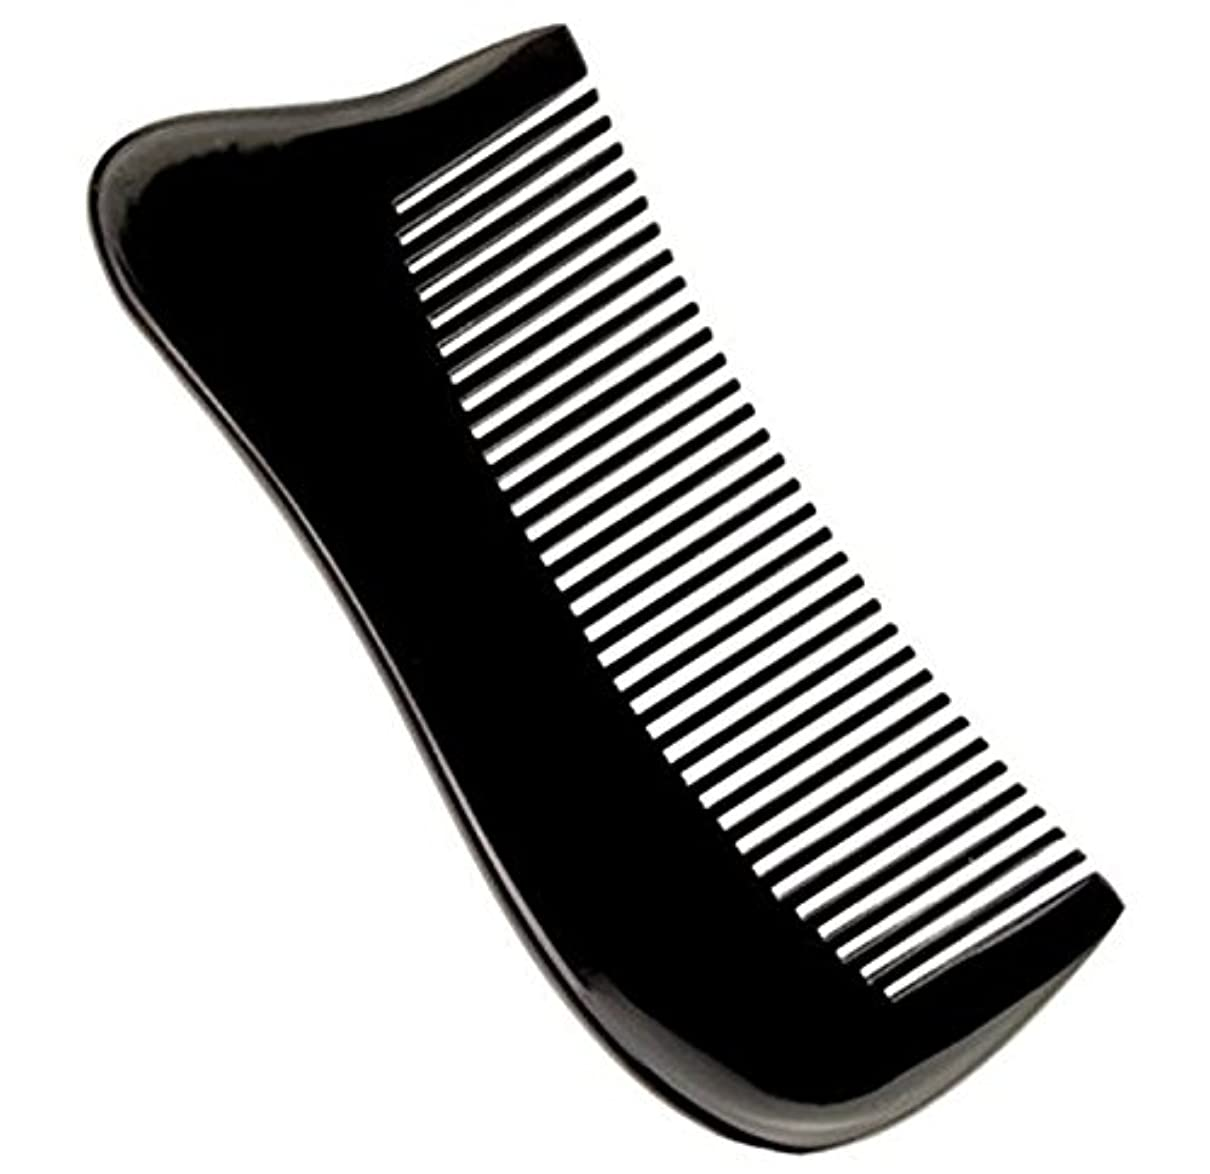 軽量悲しむ滅びる櫛型 プロも使う牛角かっさプレート マサージ用 血行改善 高級 天然 静電気防止 美髪 美顔 ボディ リンパマッサージ